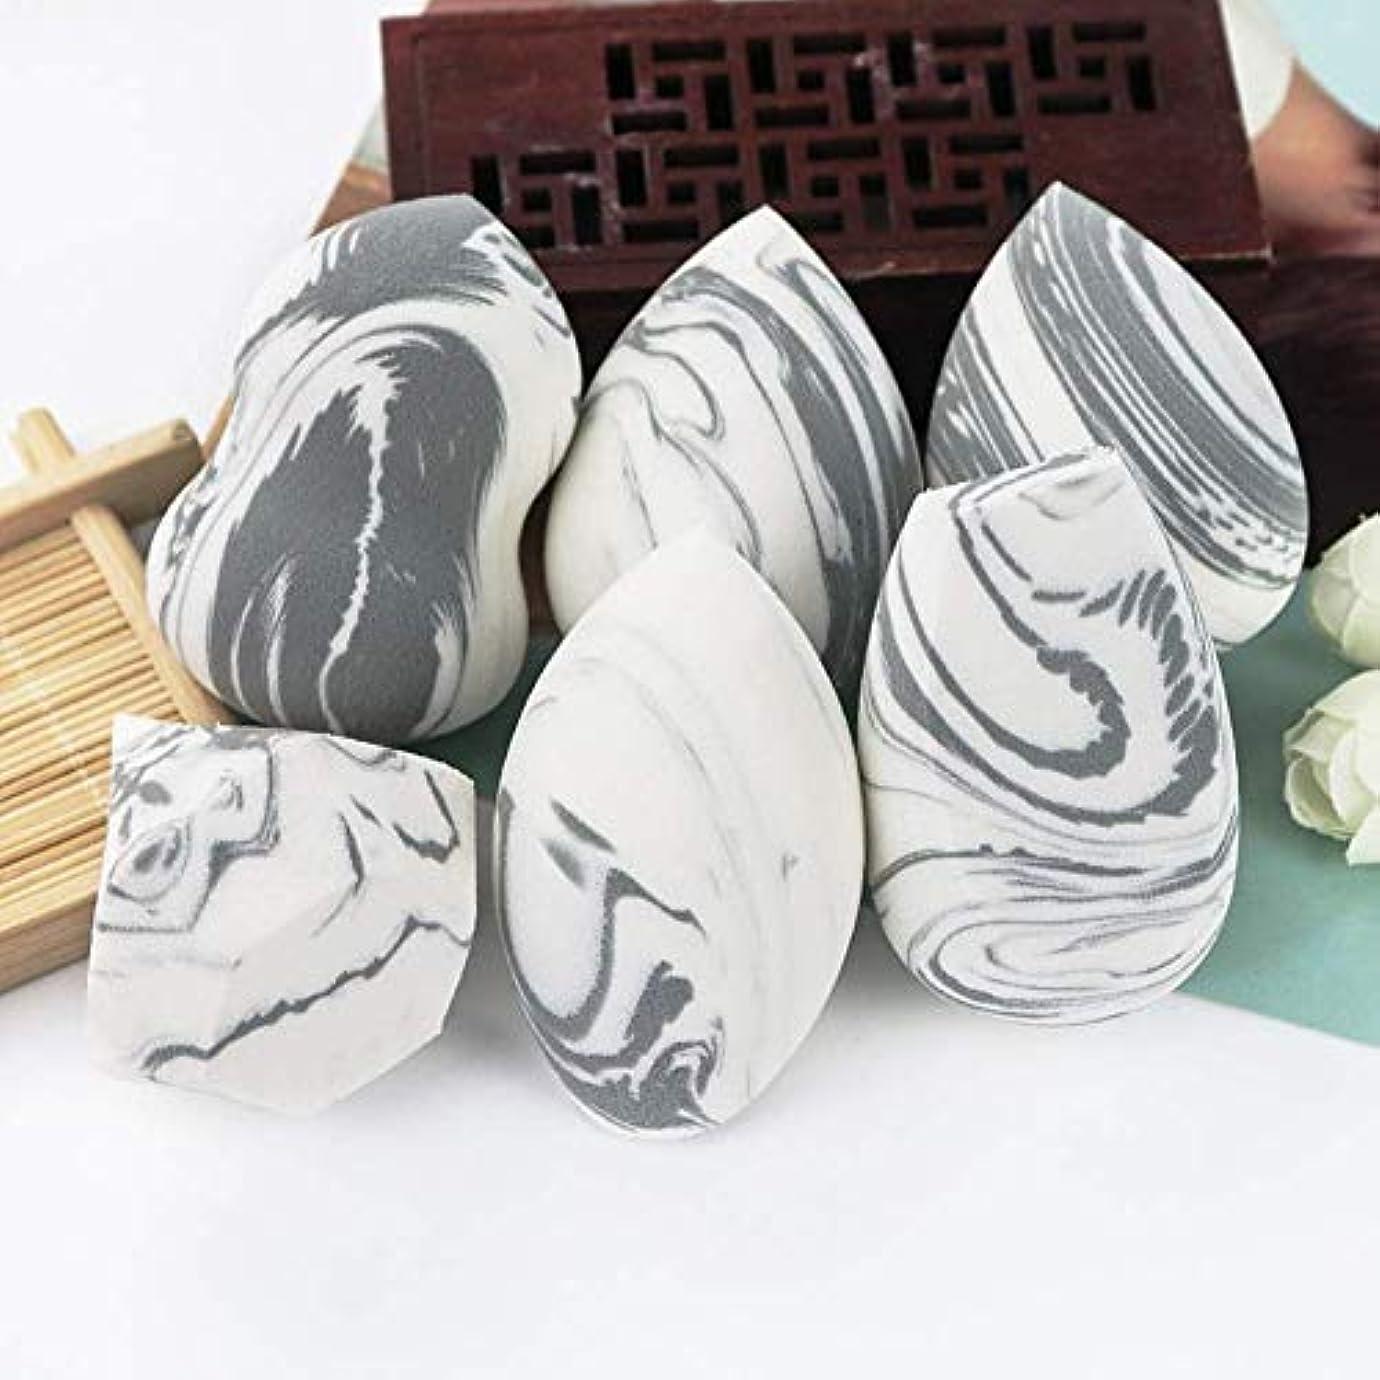 ネストスキップ高度化粧筆大理石のダイヤモンド美容卵非ラテックス3DソリッドカラーHulu Tangeringパフツール(色:ダイヤモンド)